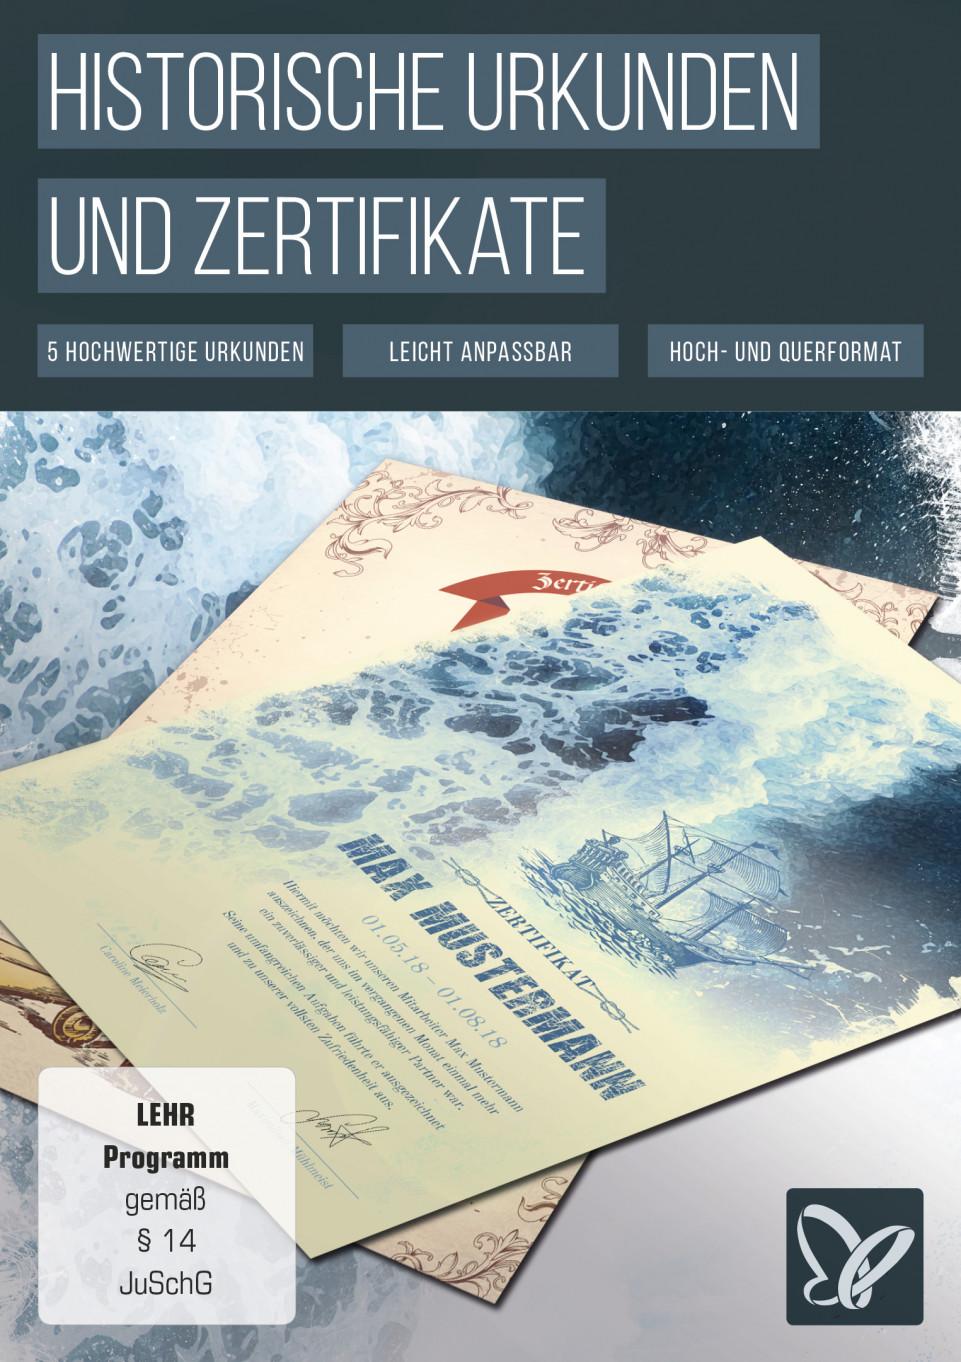 Historische Urkunden und Zertifikate